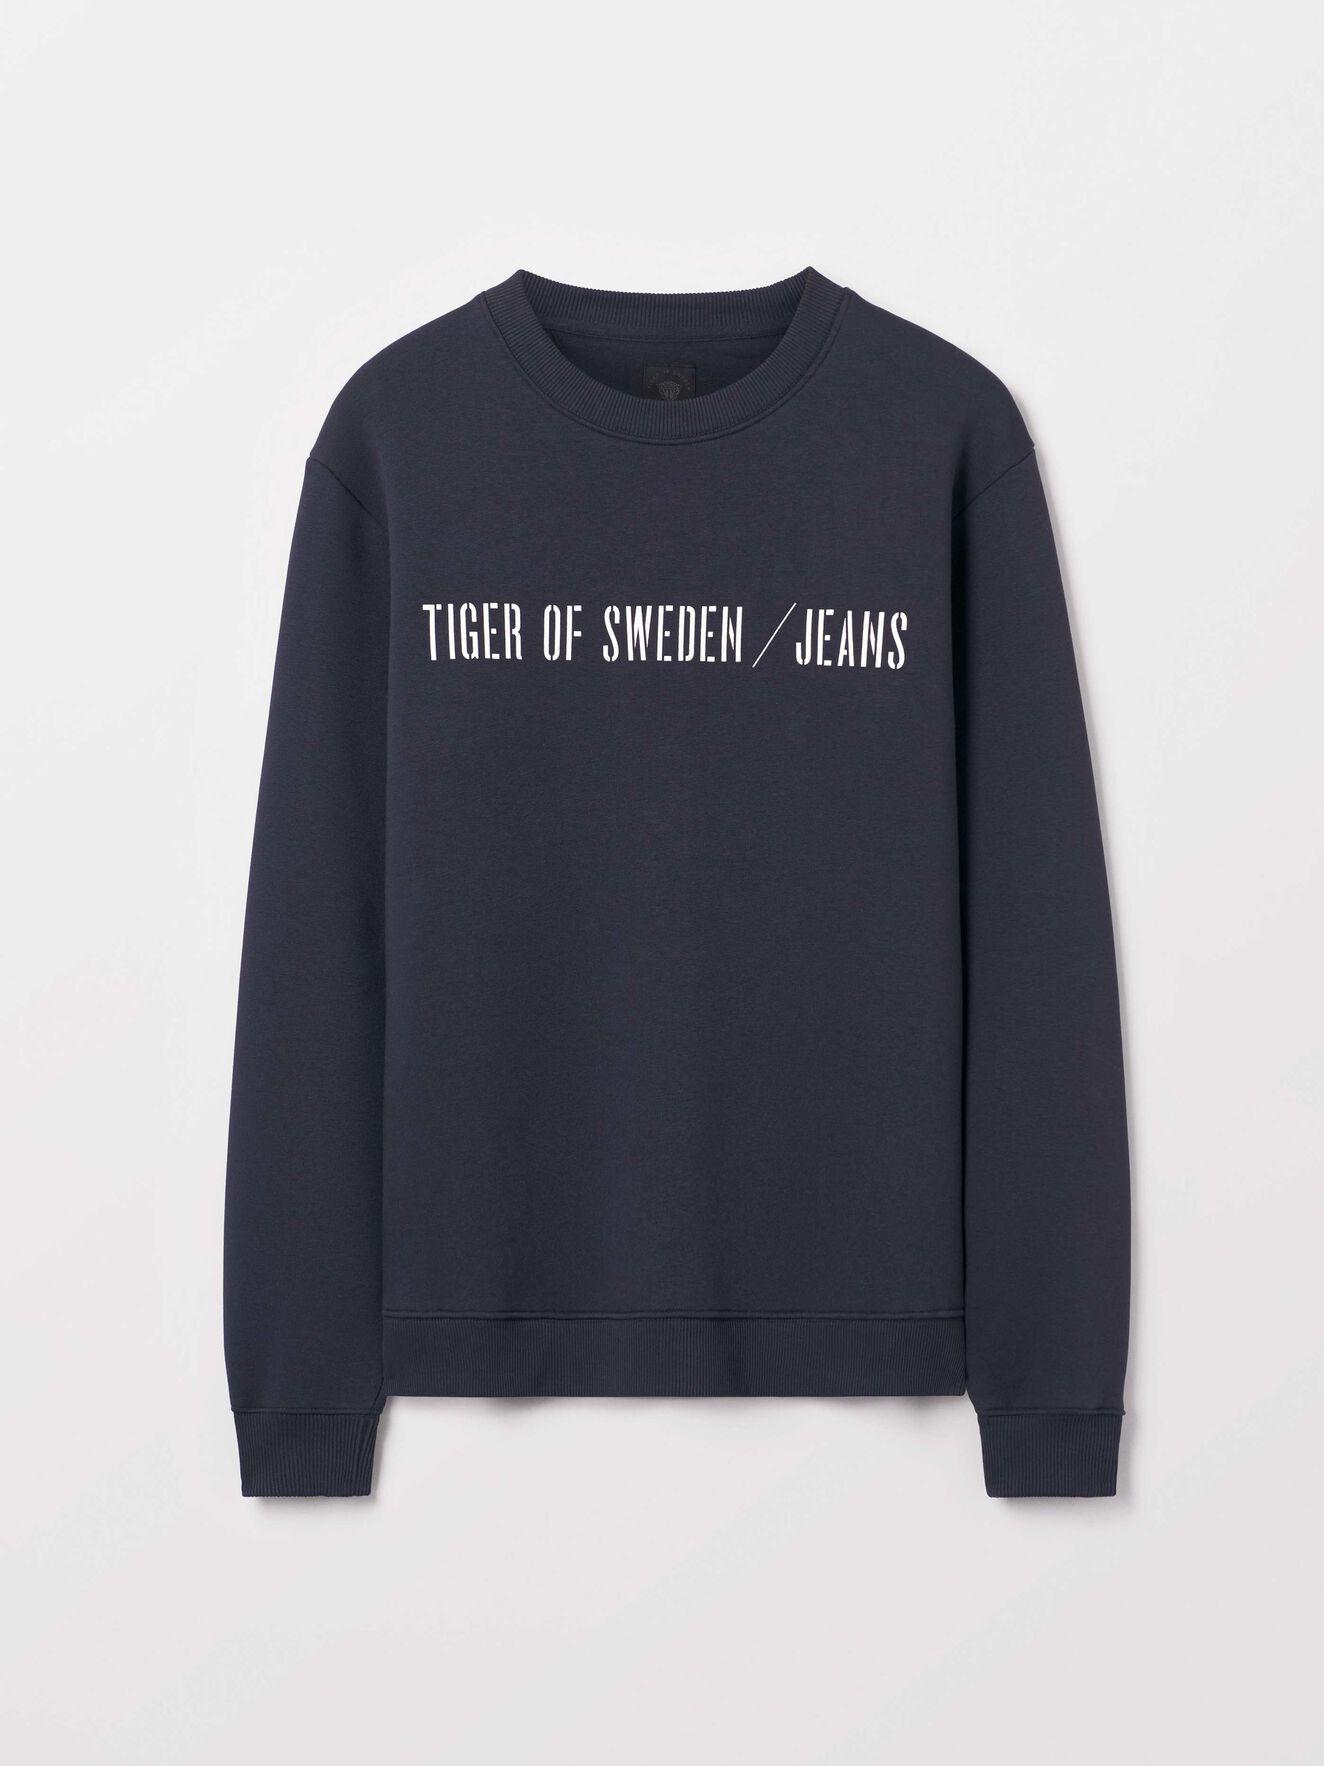 Tana Pr Sweatshirt in Deep Well from Tiger of Sweden